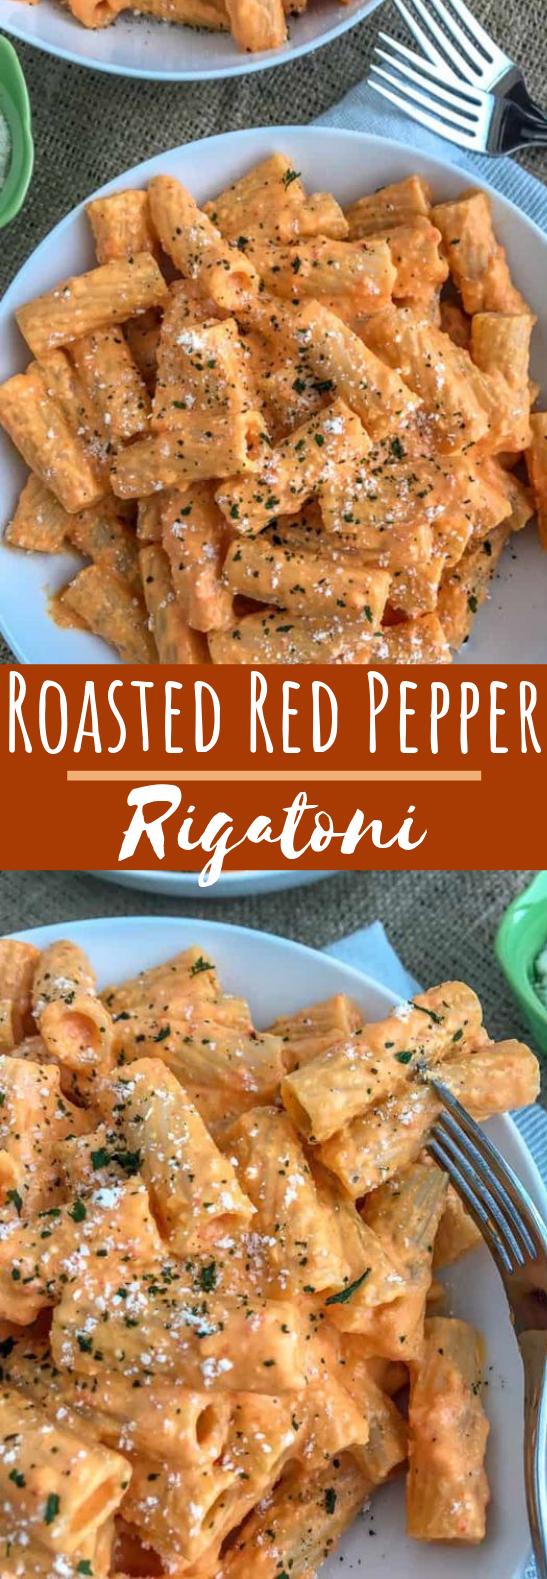 Roasted Red Pepper Rigatoni #dinner #pasta